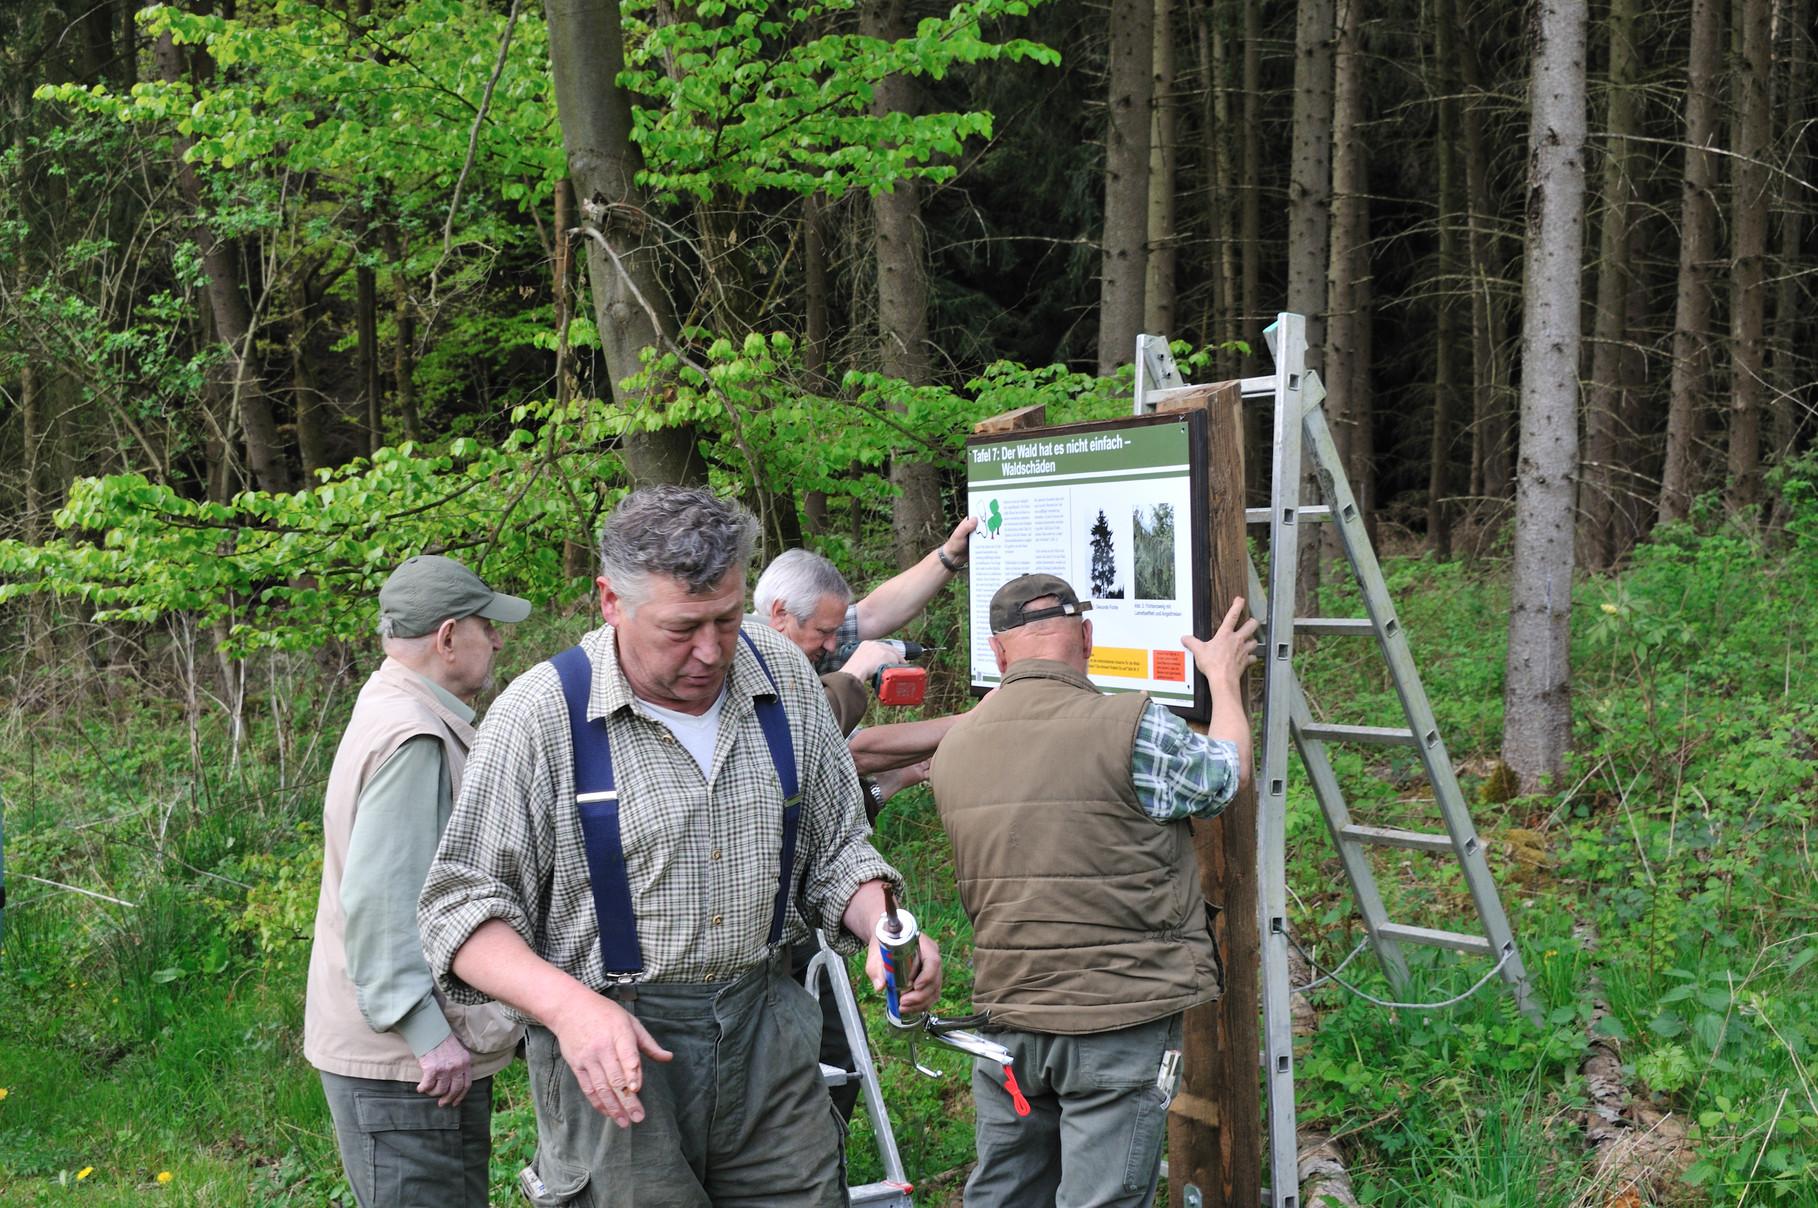 Betreuung des angelegten Waldlehrpfads